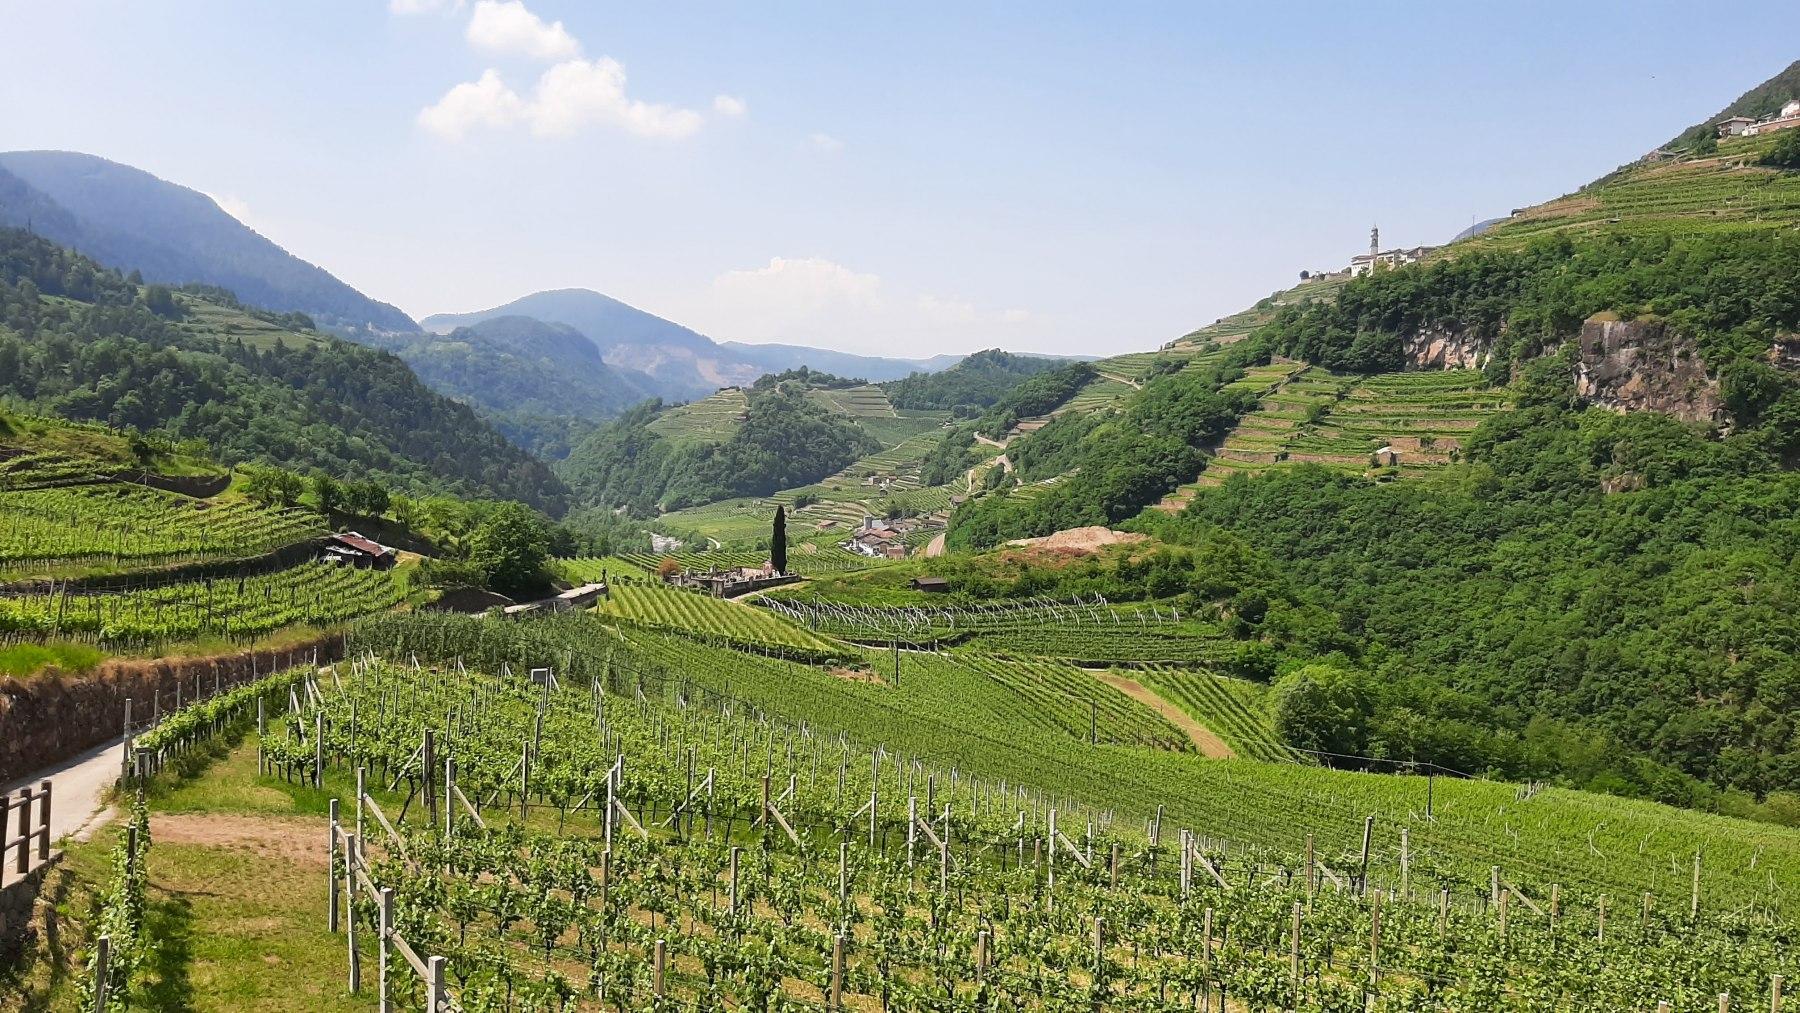 Vinice v Dolomitech